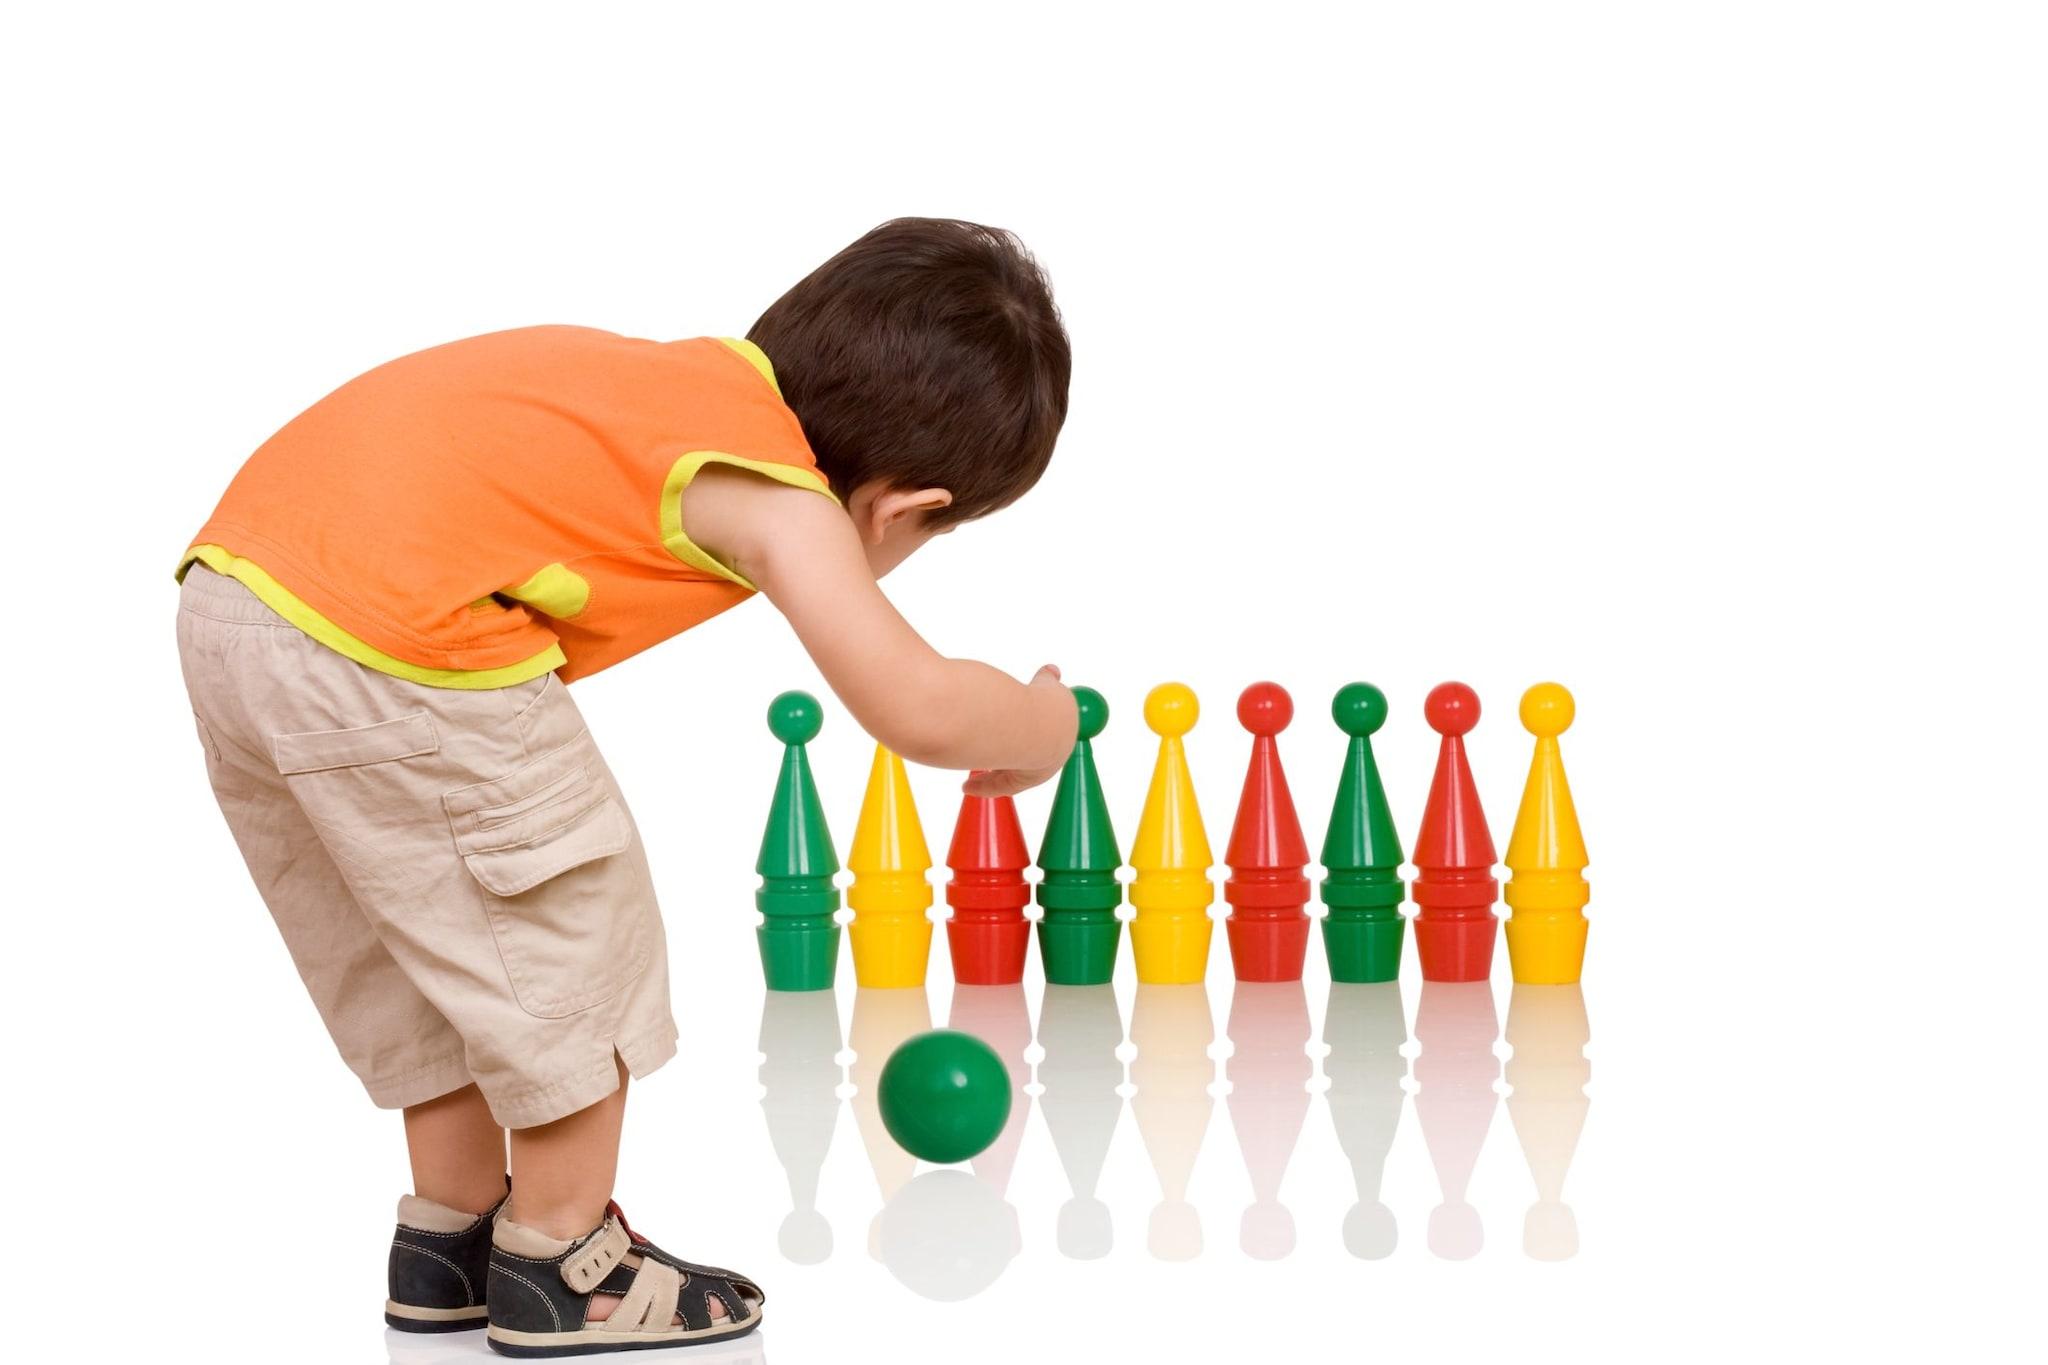 Giochi Da Fare In Giardino i 10 giochi da fare in casa con i bambini di tutte le età